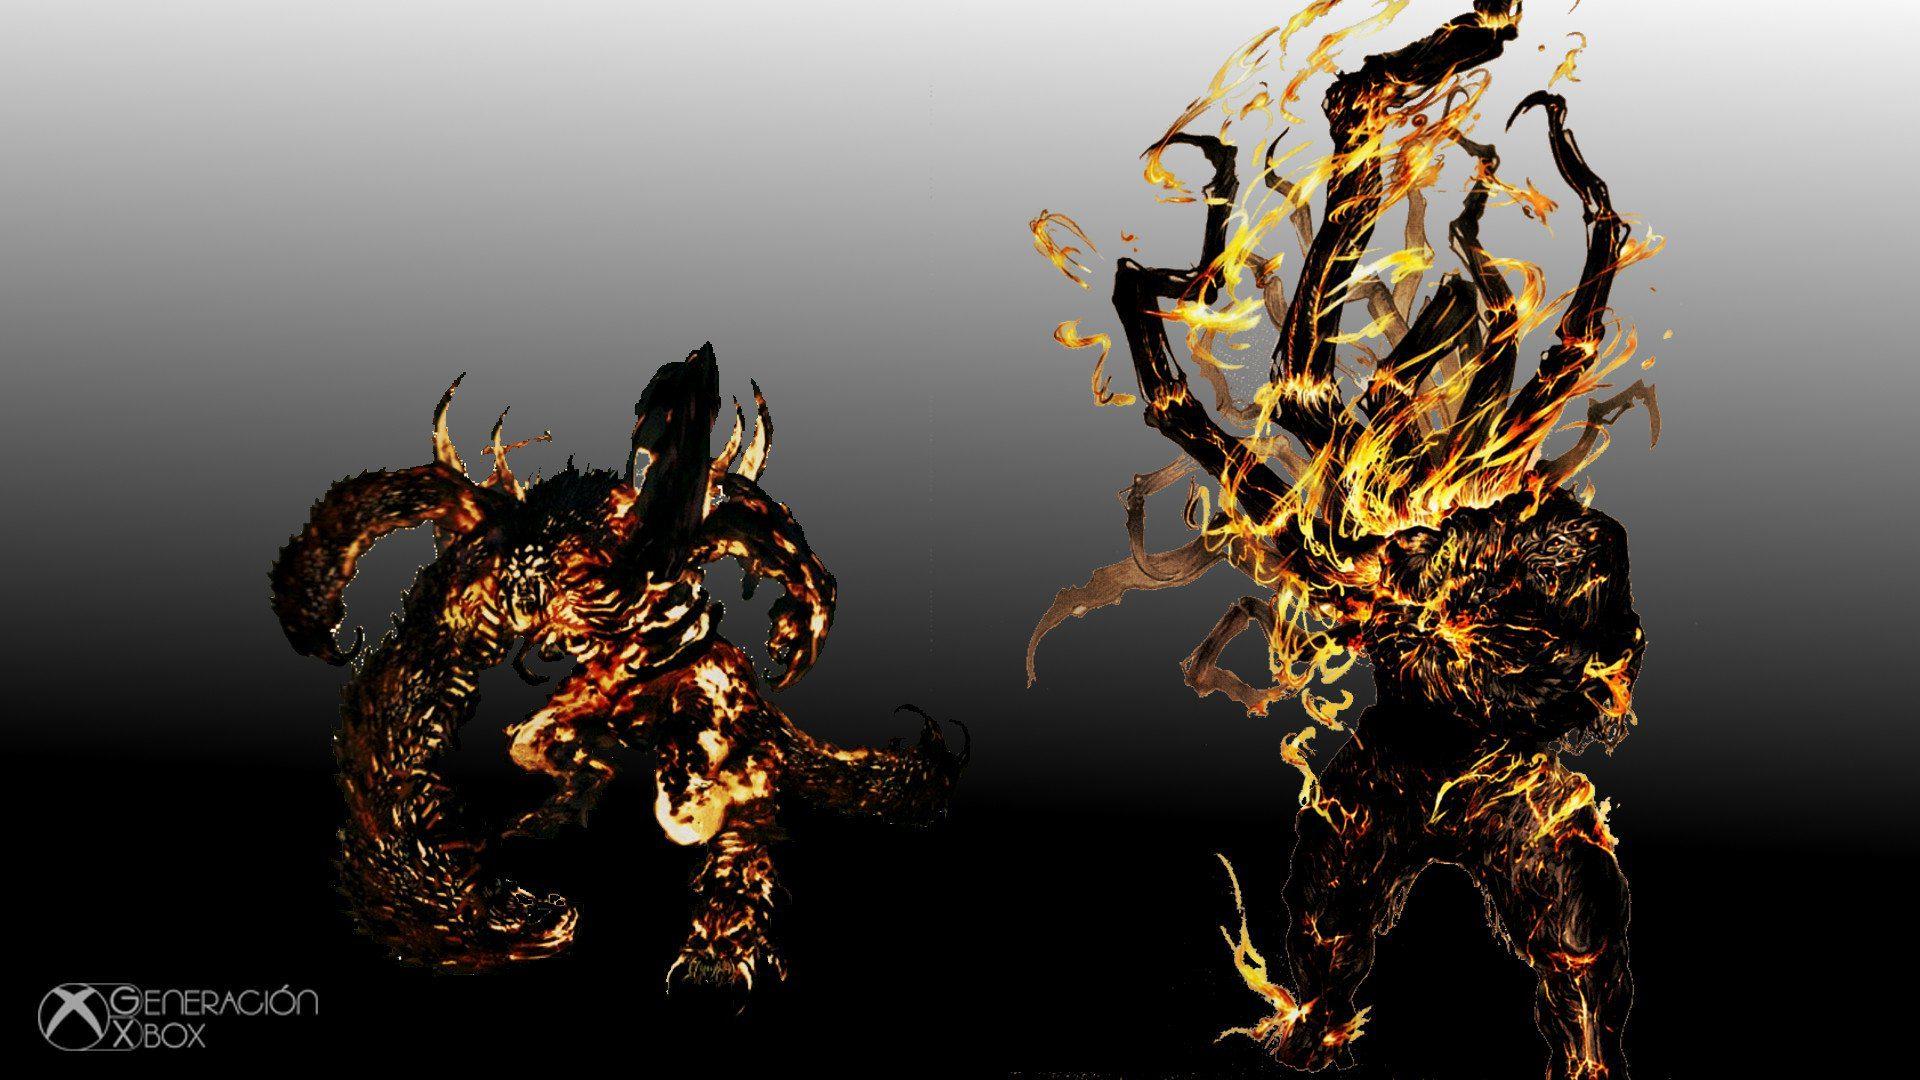 Descarga y Ciempies-GX